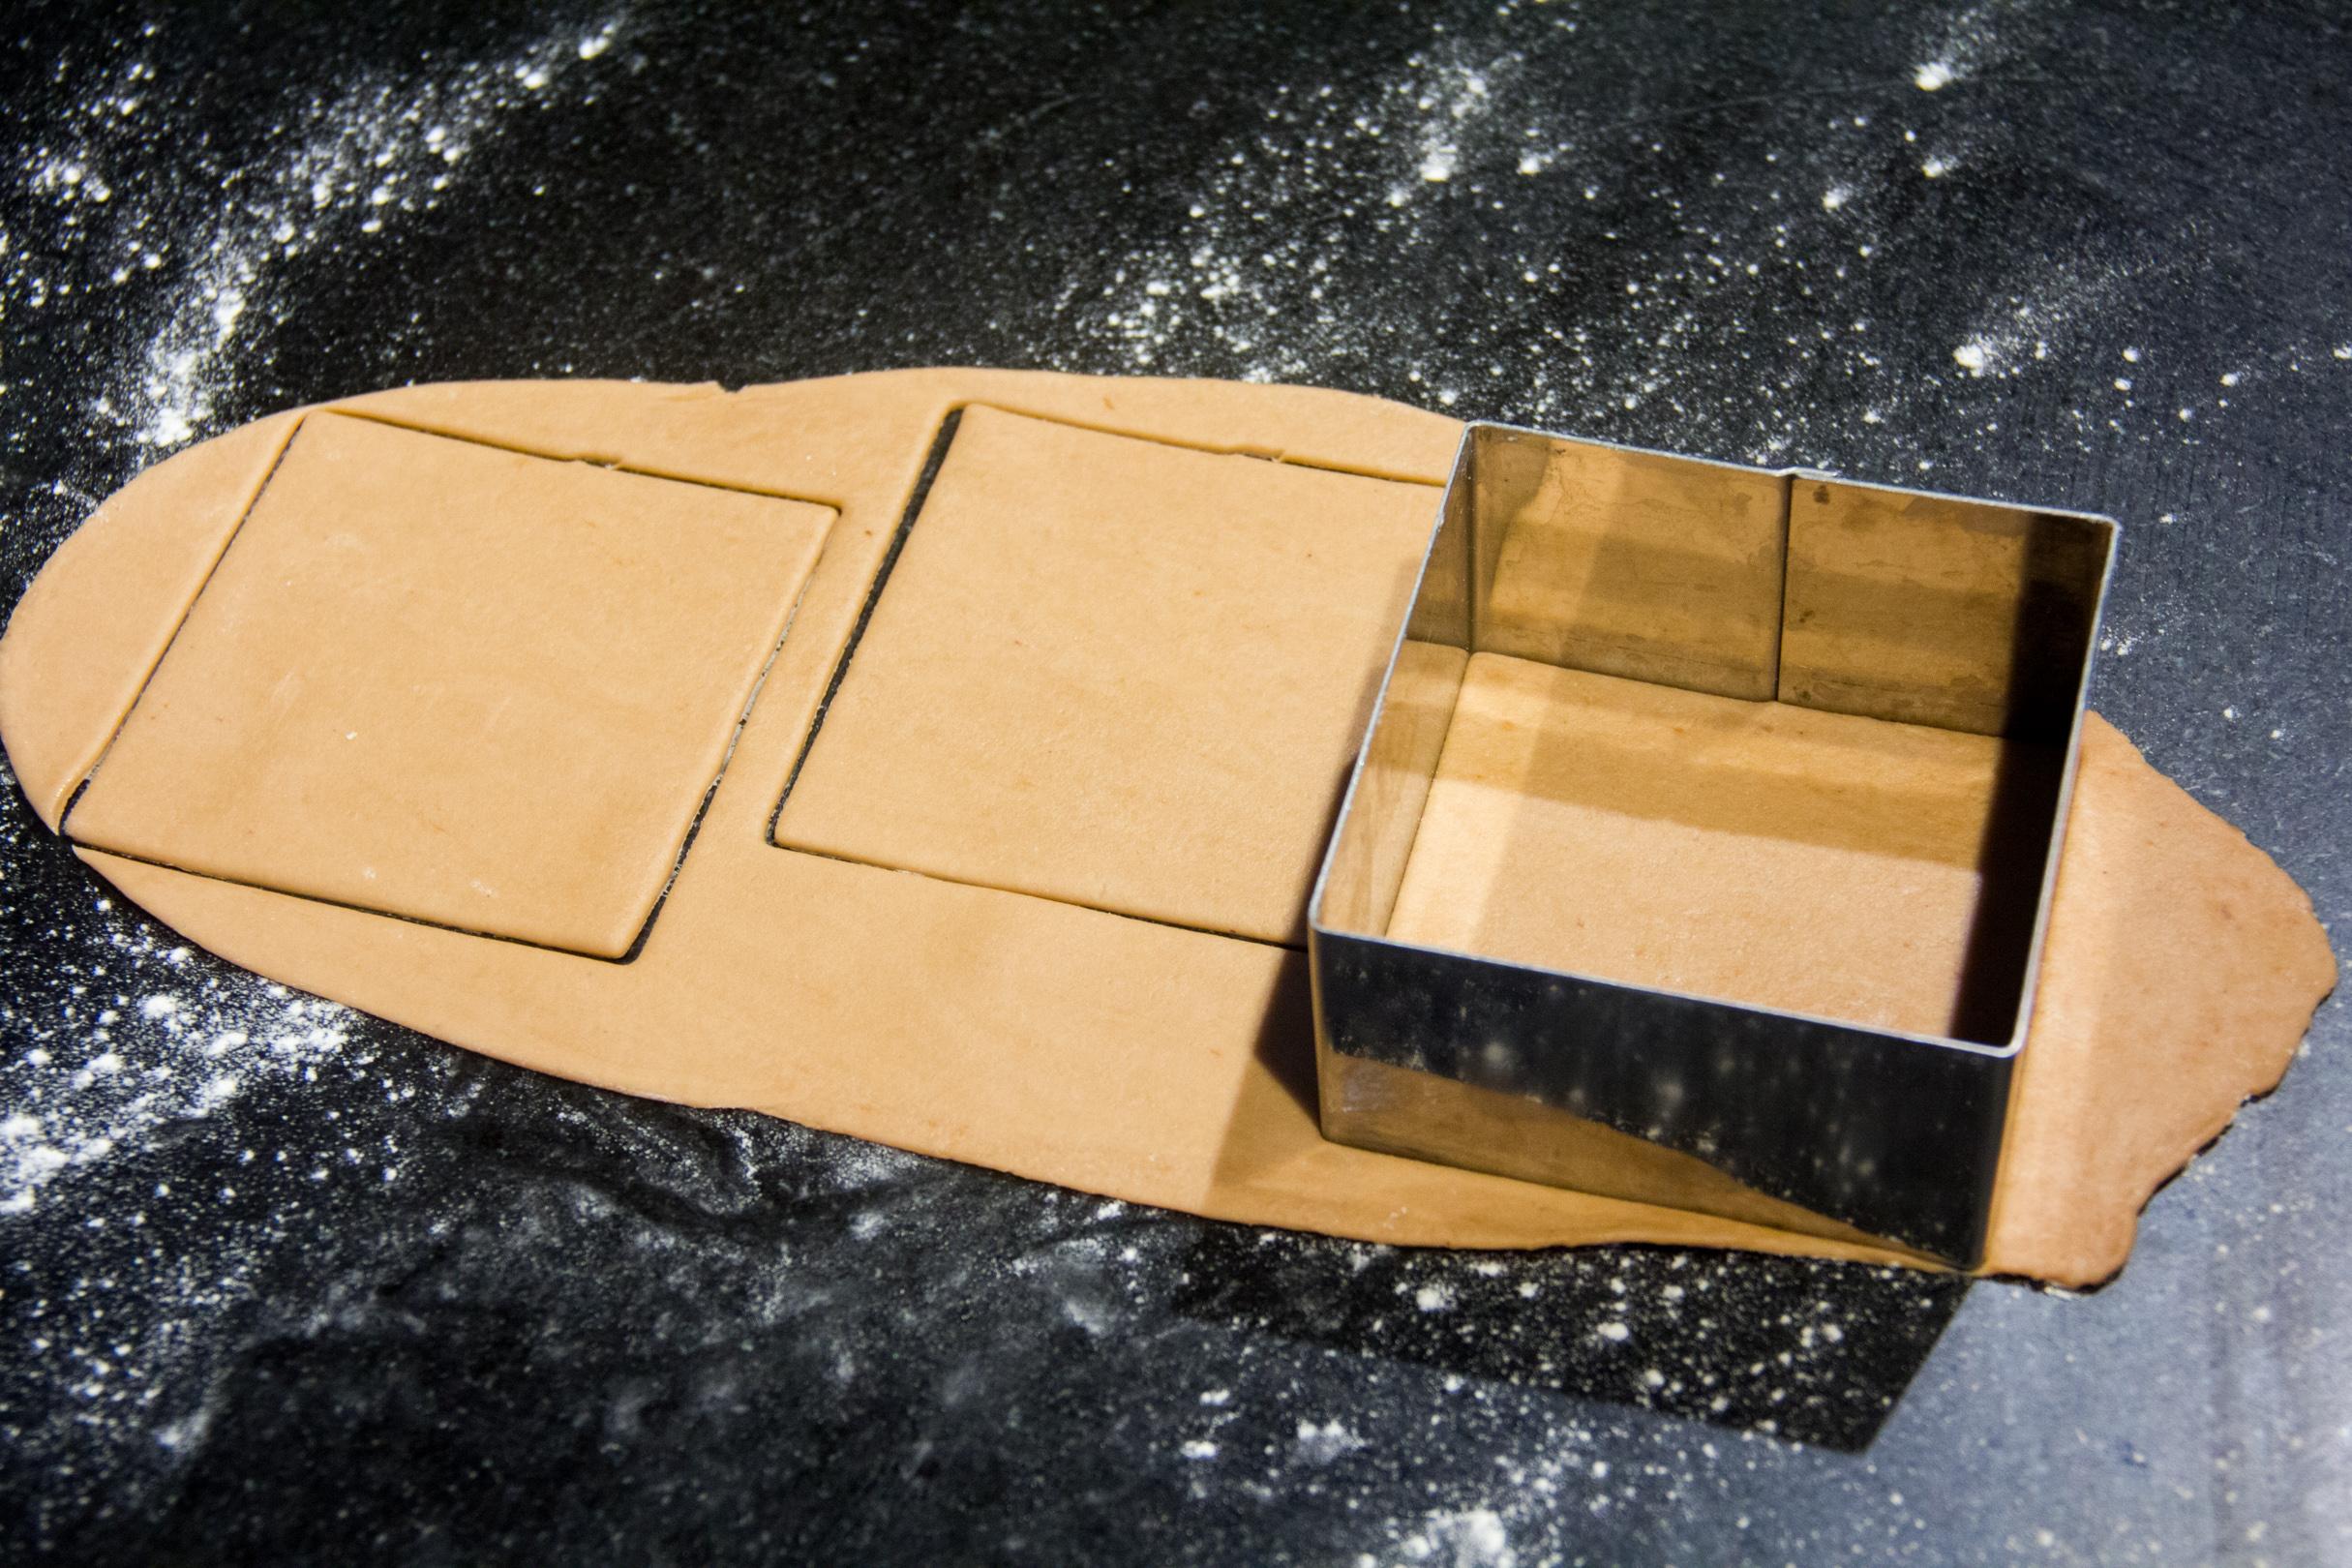 Étalez-la finement sur votre plan de travail; Si vous avez un laminoir à pâtes utilisez-le! C'est le meilleur moyen pour obtenir un pâte très régulière en épaisseur. Détaillez votre pâte en carré de 8 cm sur 8